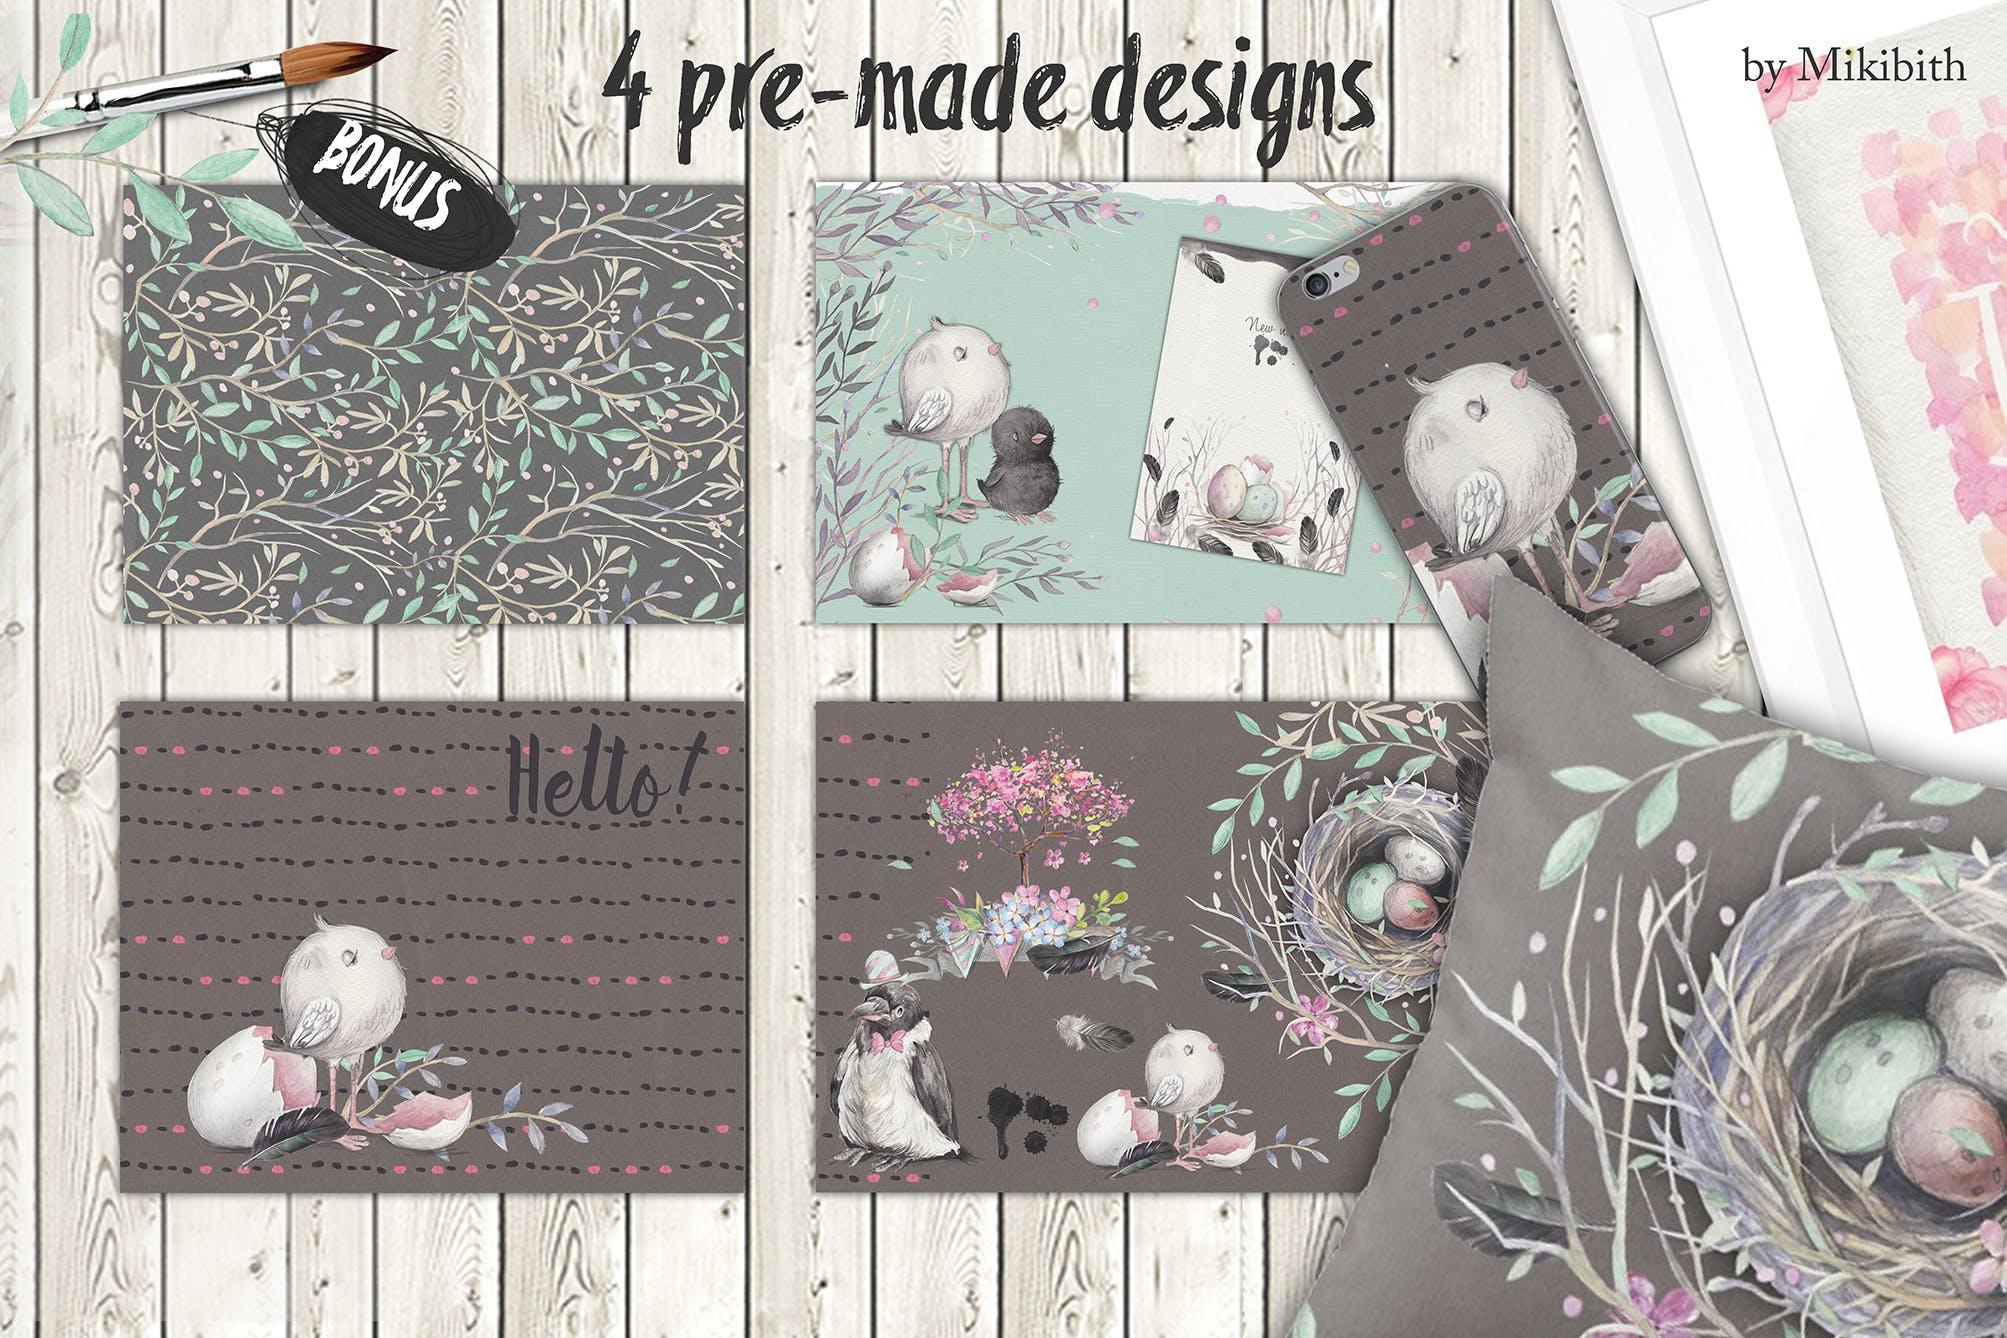 春天与乌鸦艺术创作作品集图案纹理素材下载Spring crows bundle插图(2)